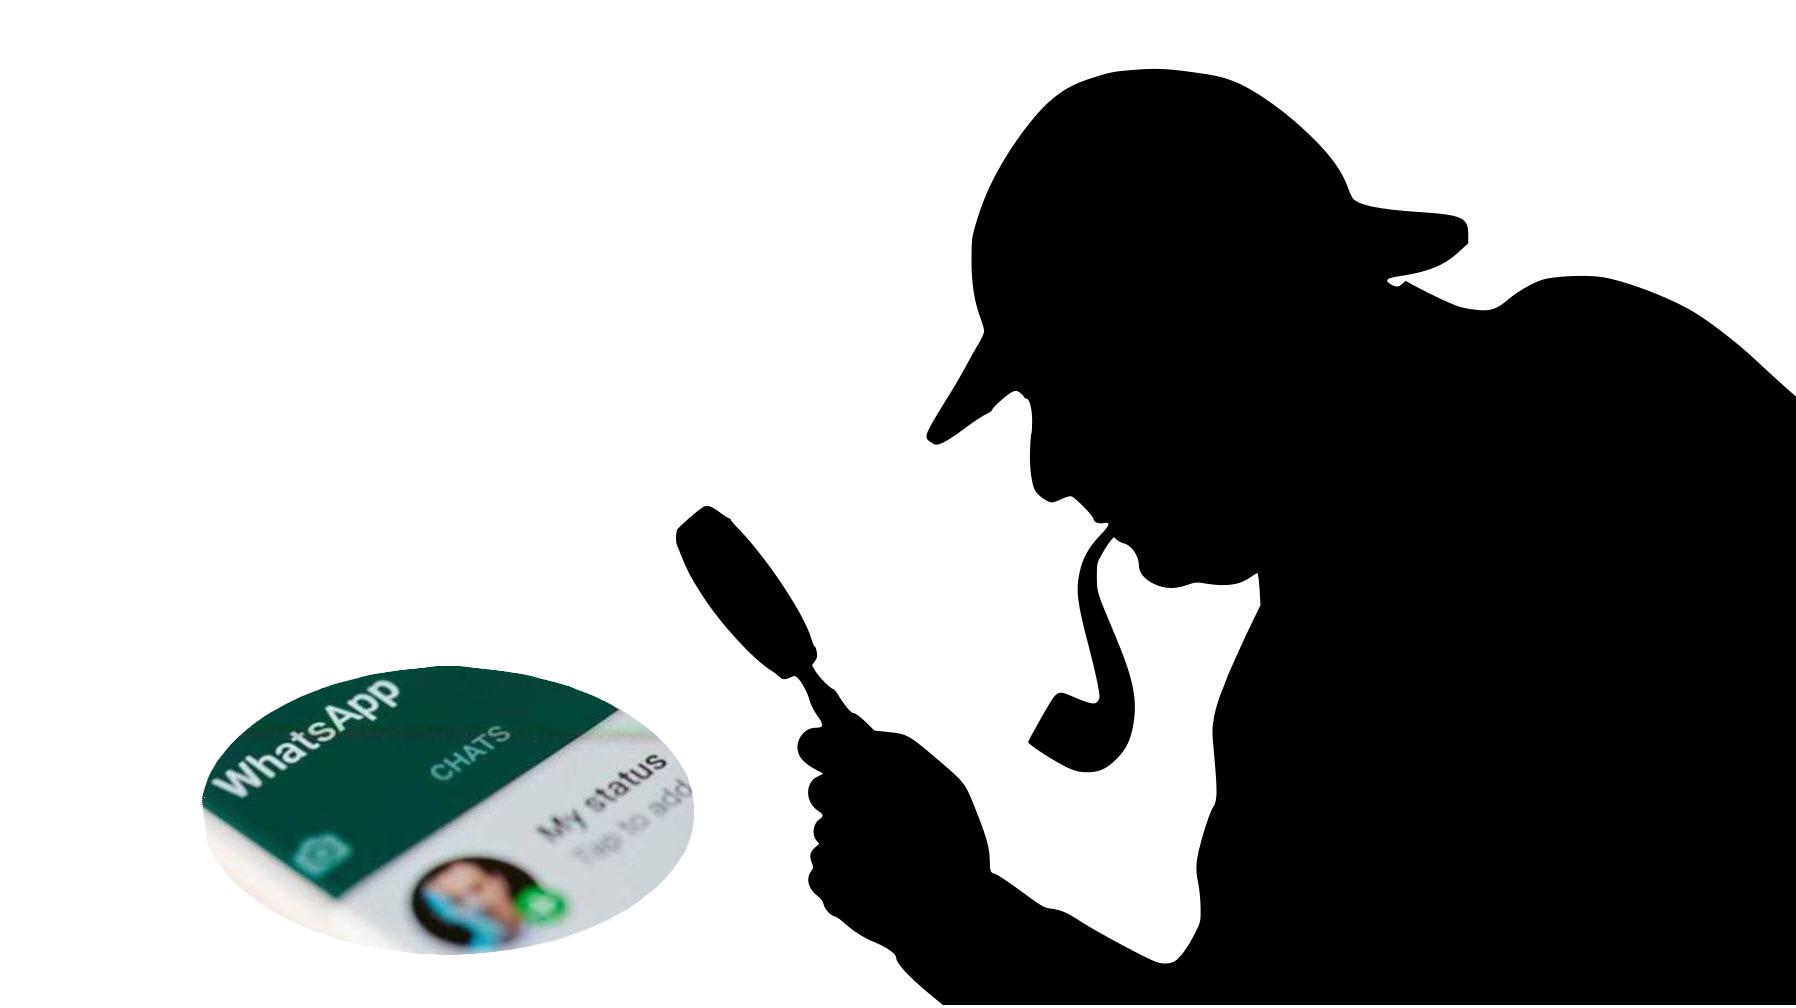 Cómo saber si tu WhatsApp está espiado, clonado, hackeado o intervenido